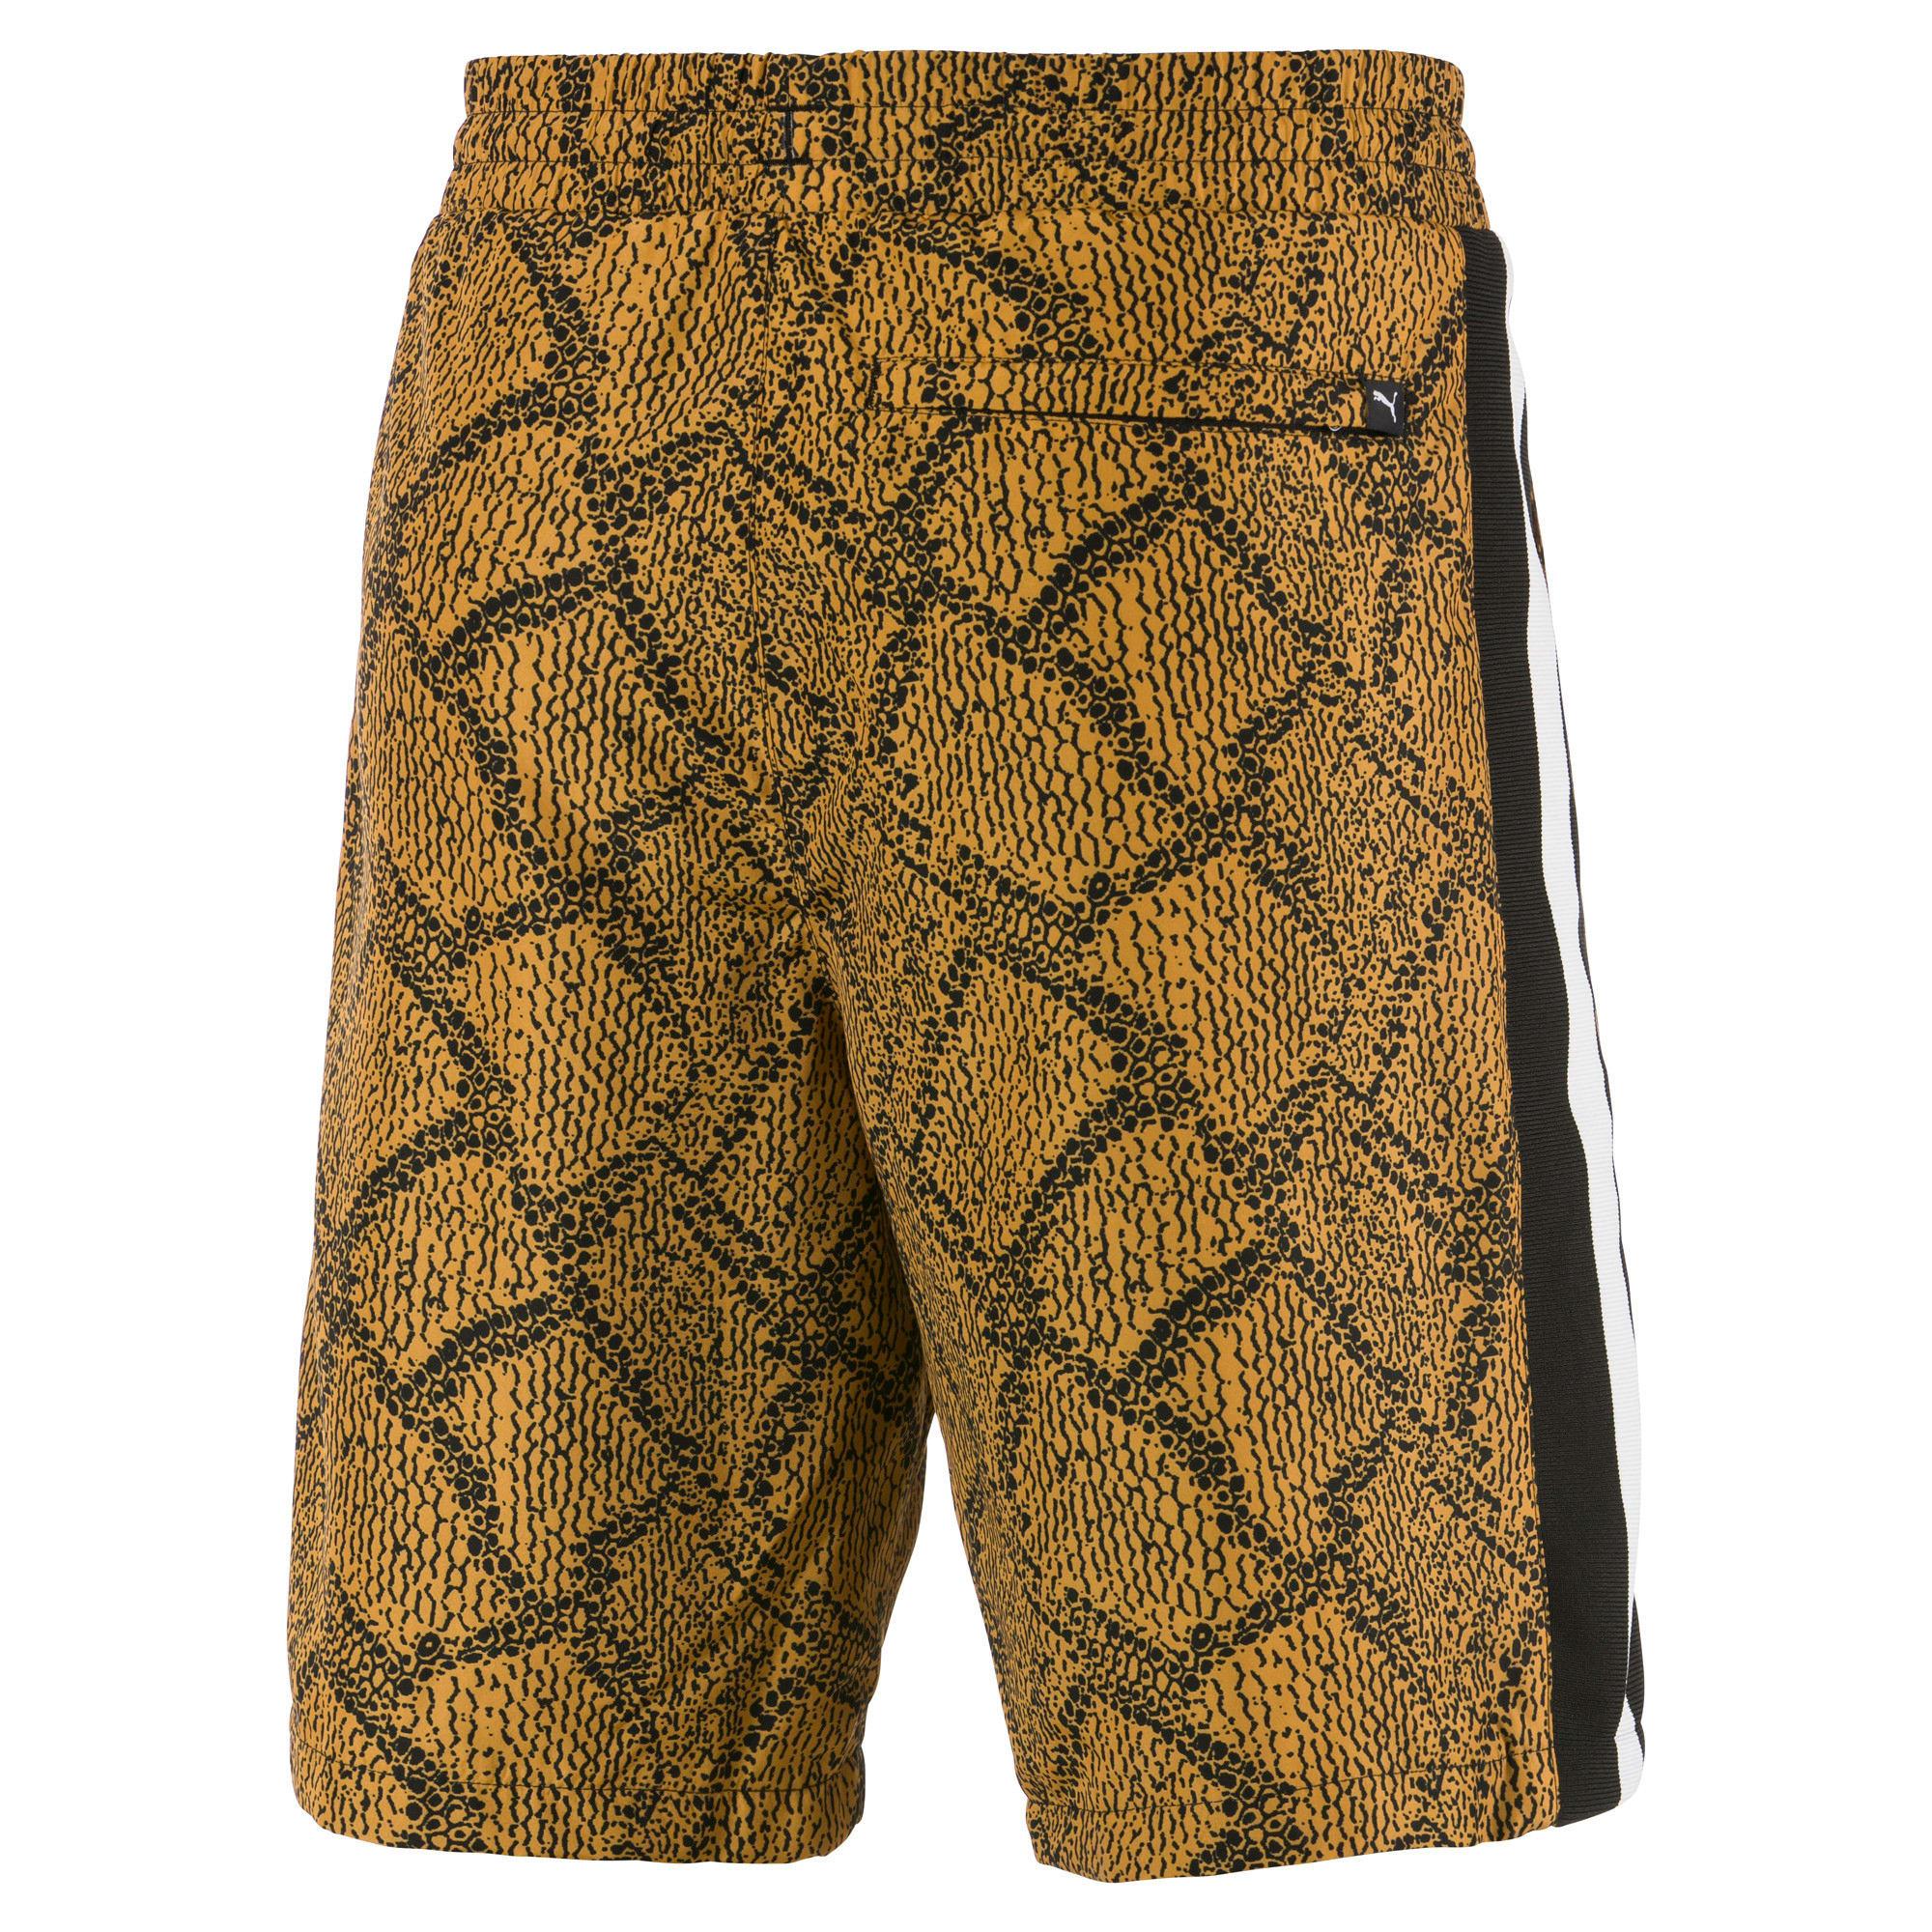 Thumbnail 2 of Snake Pack luXTG Woven Men's Shorts, Sunflower-AOP, medium